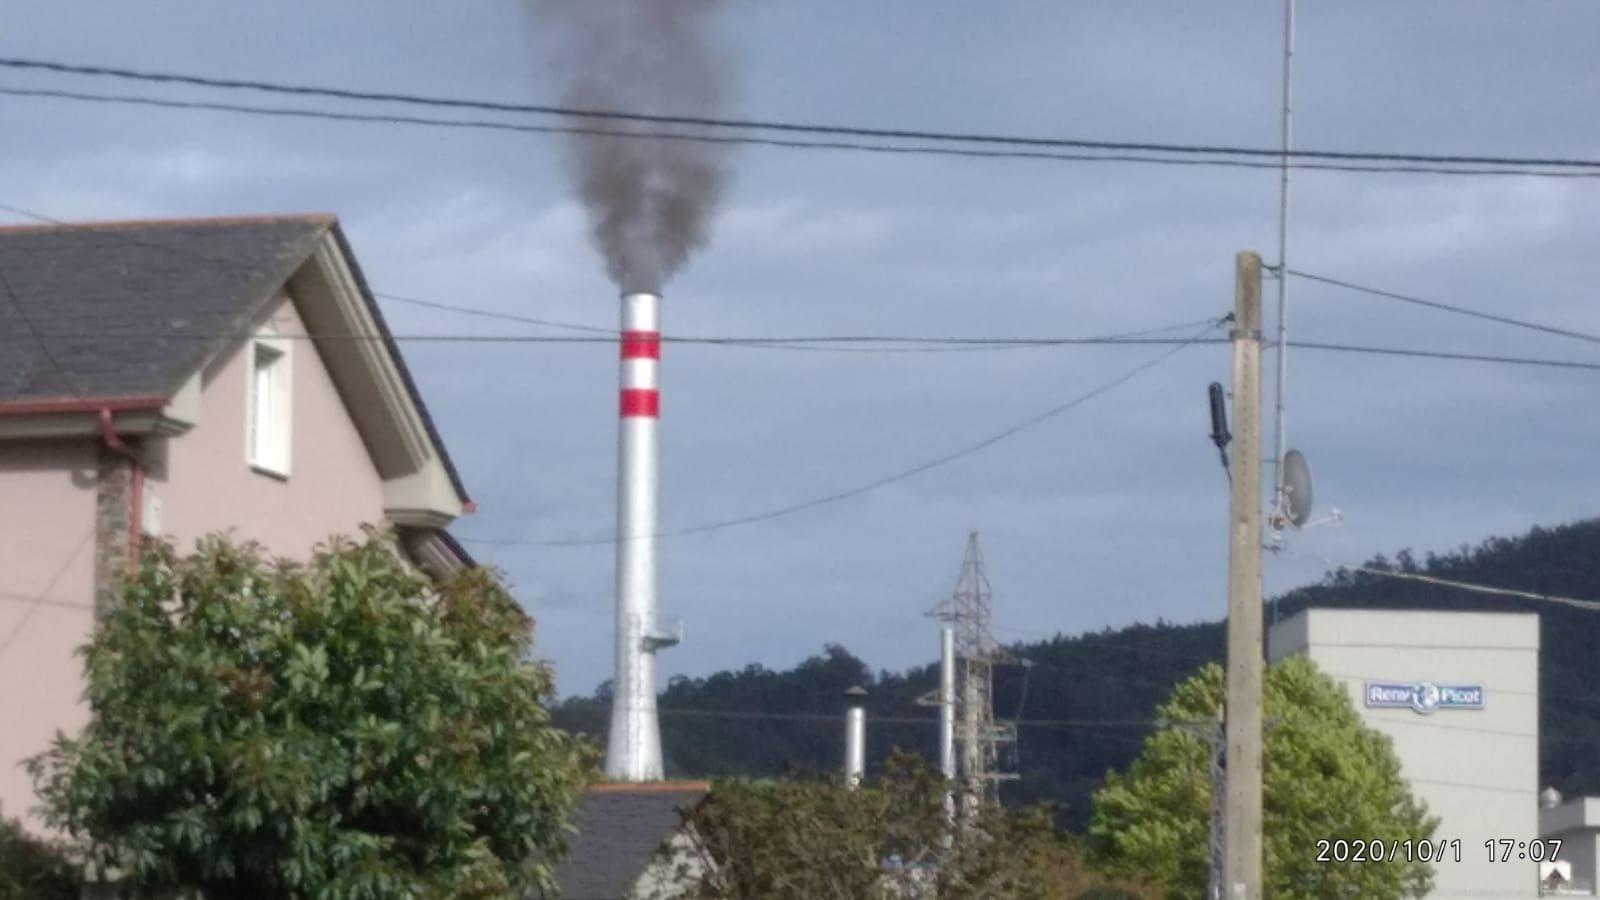 """Coordinadora Ecoloxista de Asturias: """"Pedimos que se reduzca la contaminación de la planta de cogeneración de Anleo (Navia)"""""""